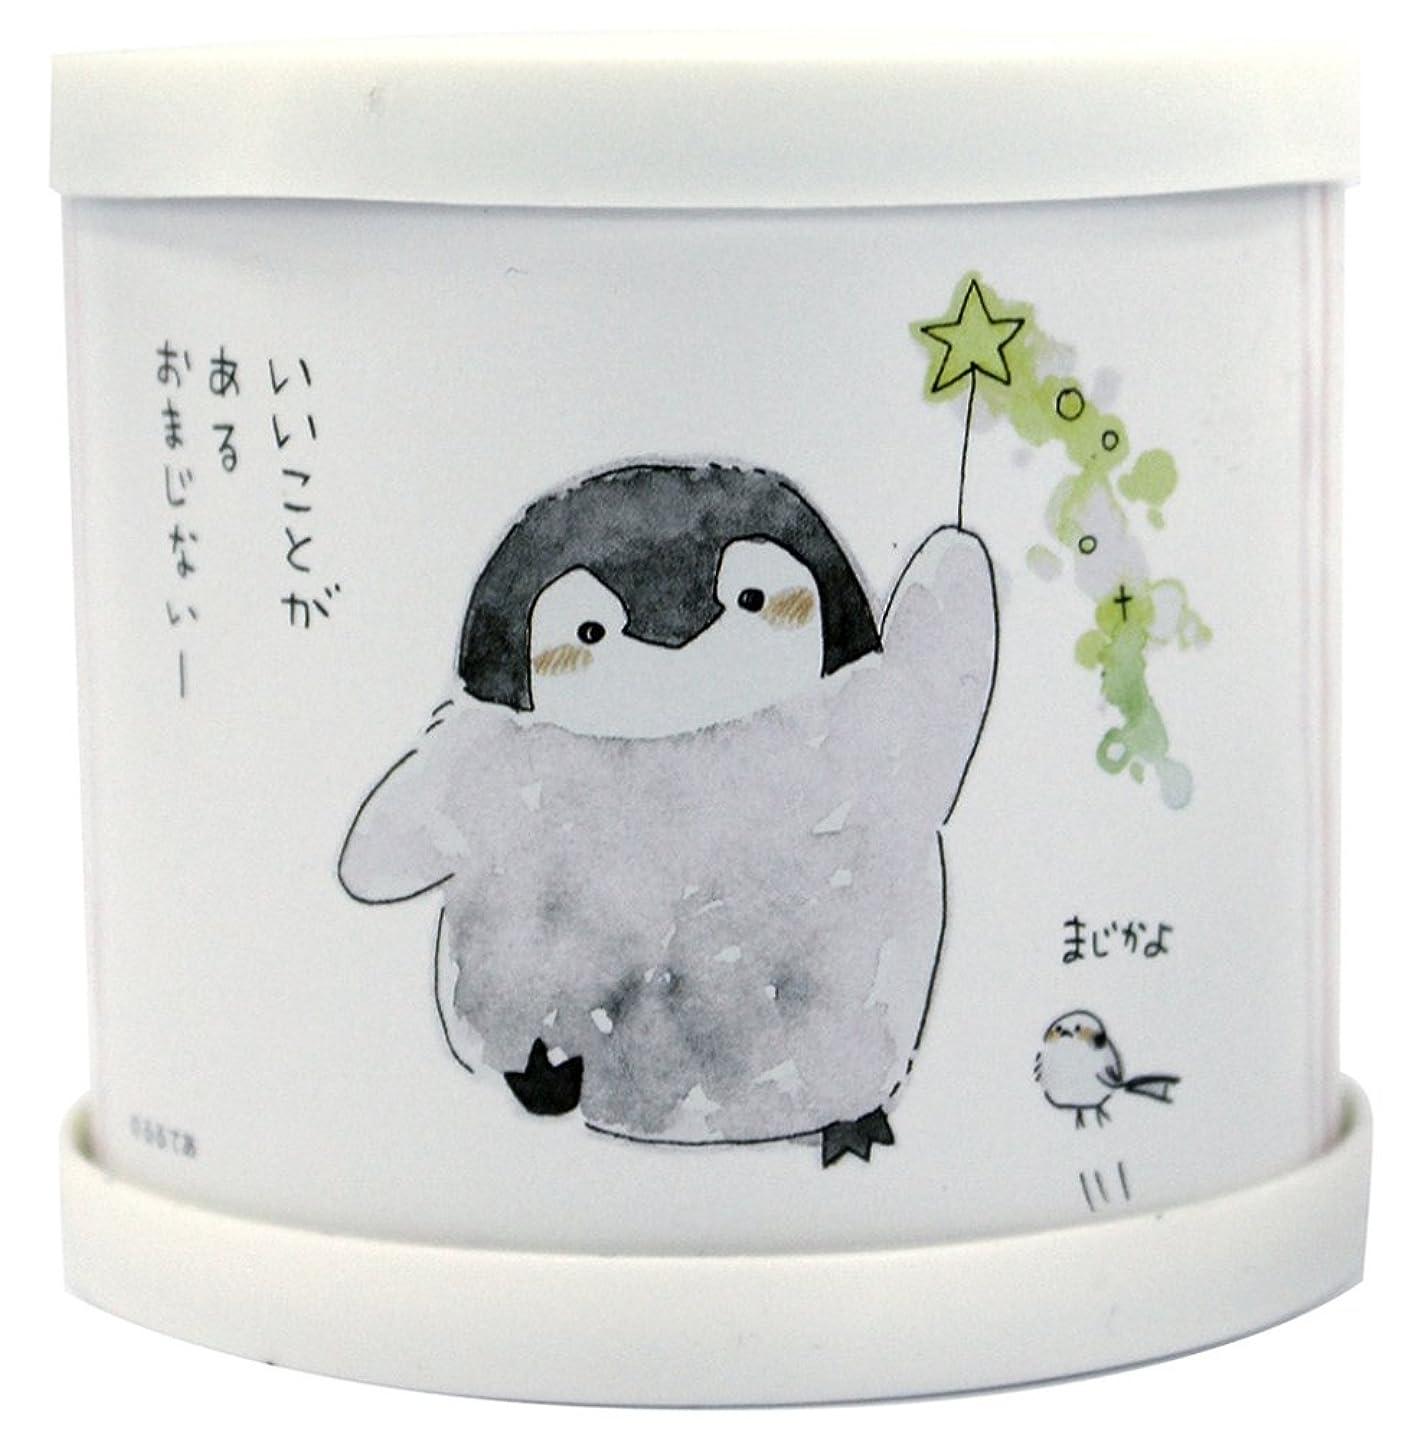 コウペンちゃん ルームフレグランス フレグランスジェル 置き型 消臭成分配合 フローラルの香り 80g ABD-007-002